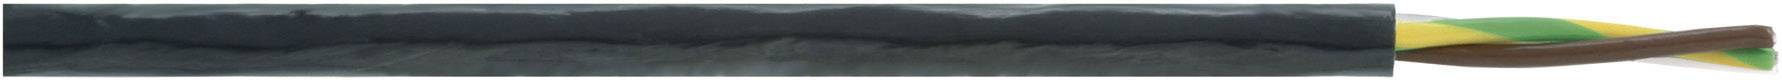 Vysokoteplotní kabel LAPP ÖLFLEX® HEAT 260 MC 0091305, 2 x 0.75 mm², černá, metrové zboží